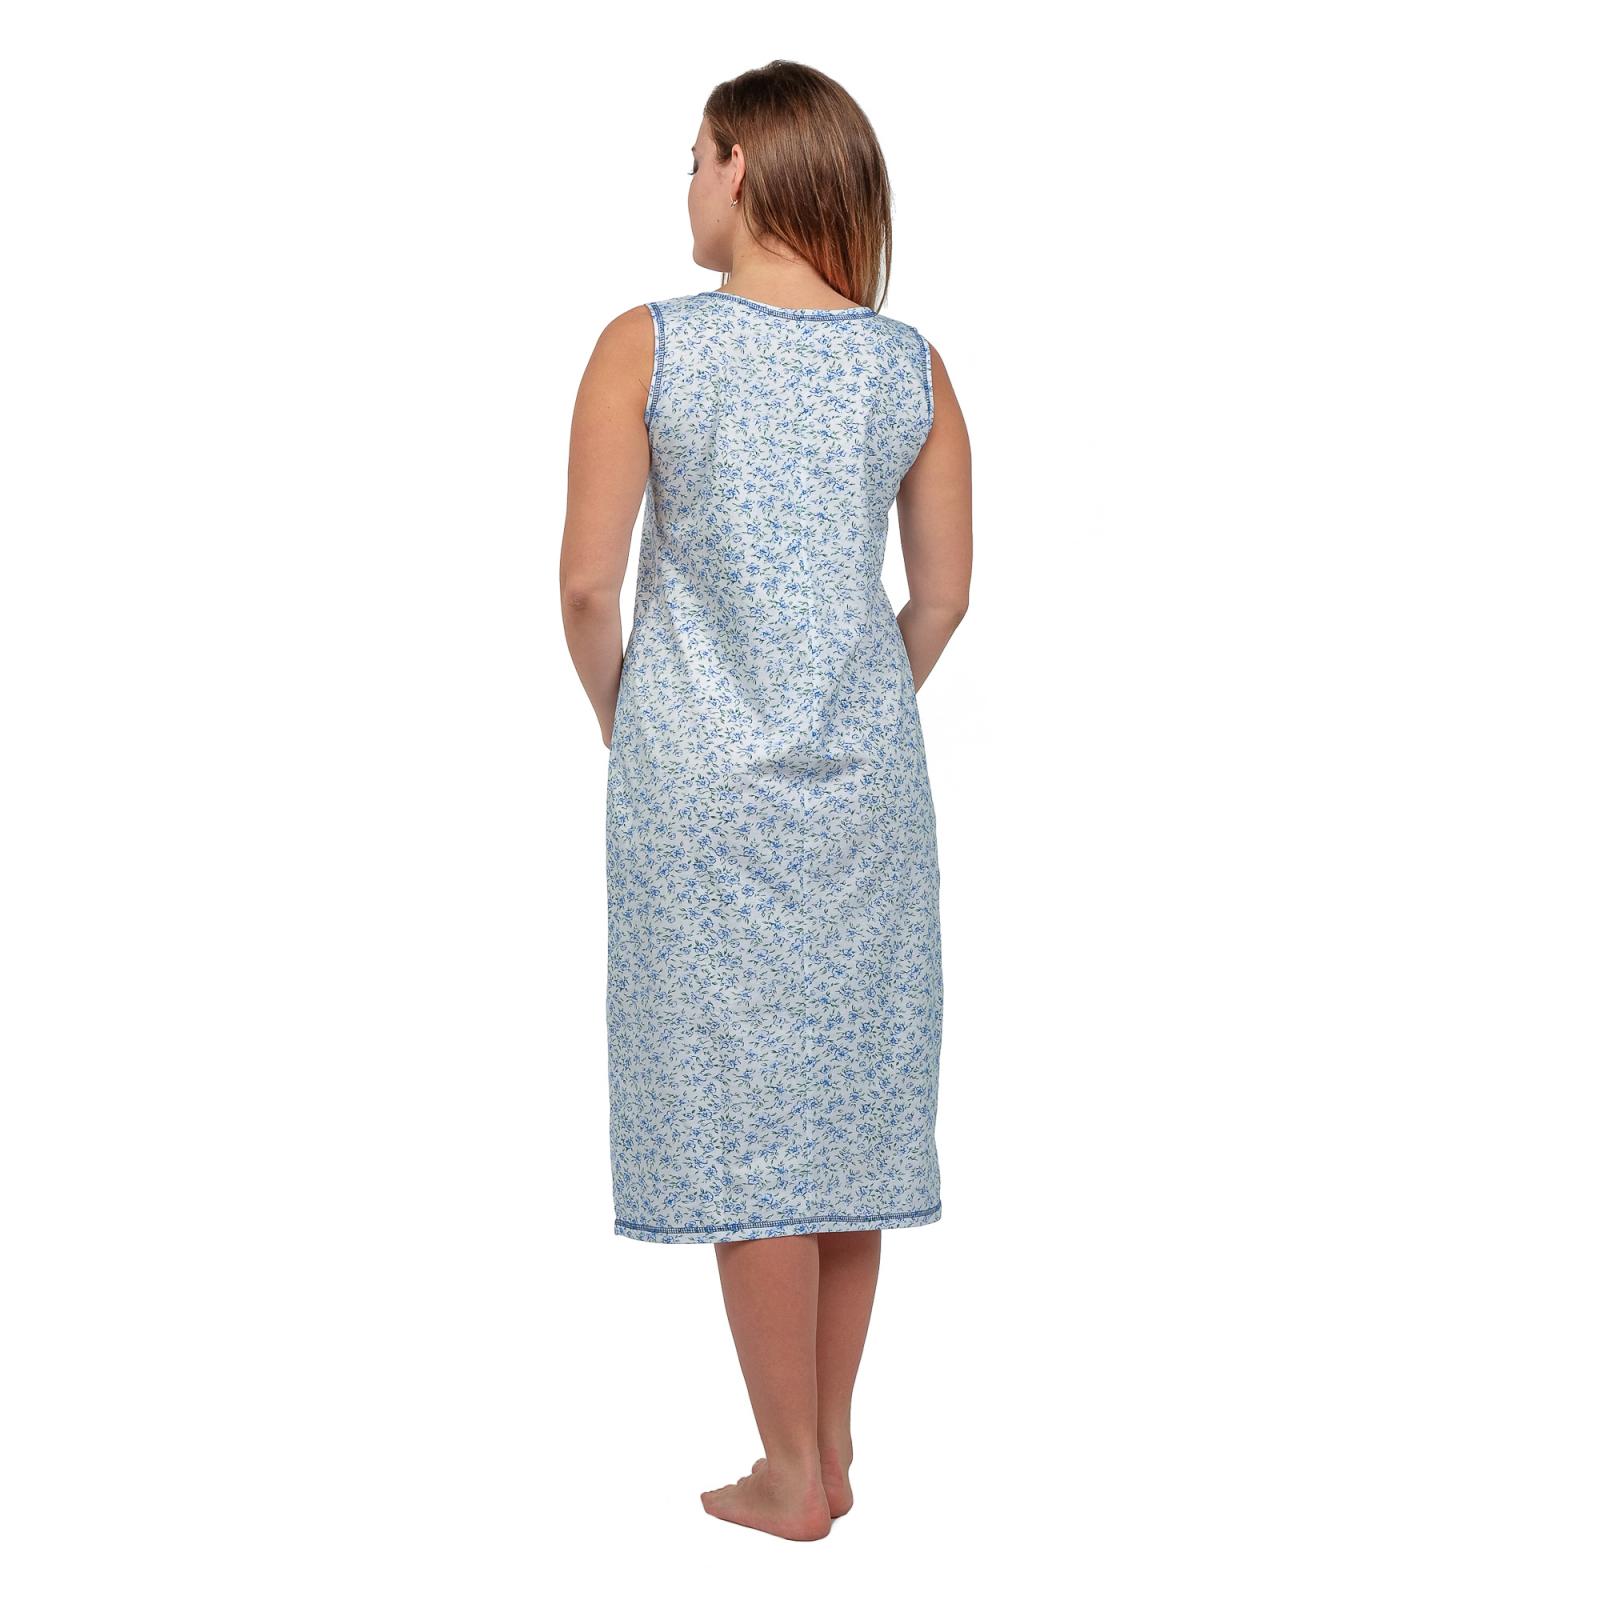 Ночная сорочка (бабушкина) Голубые цветы М-0042Г